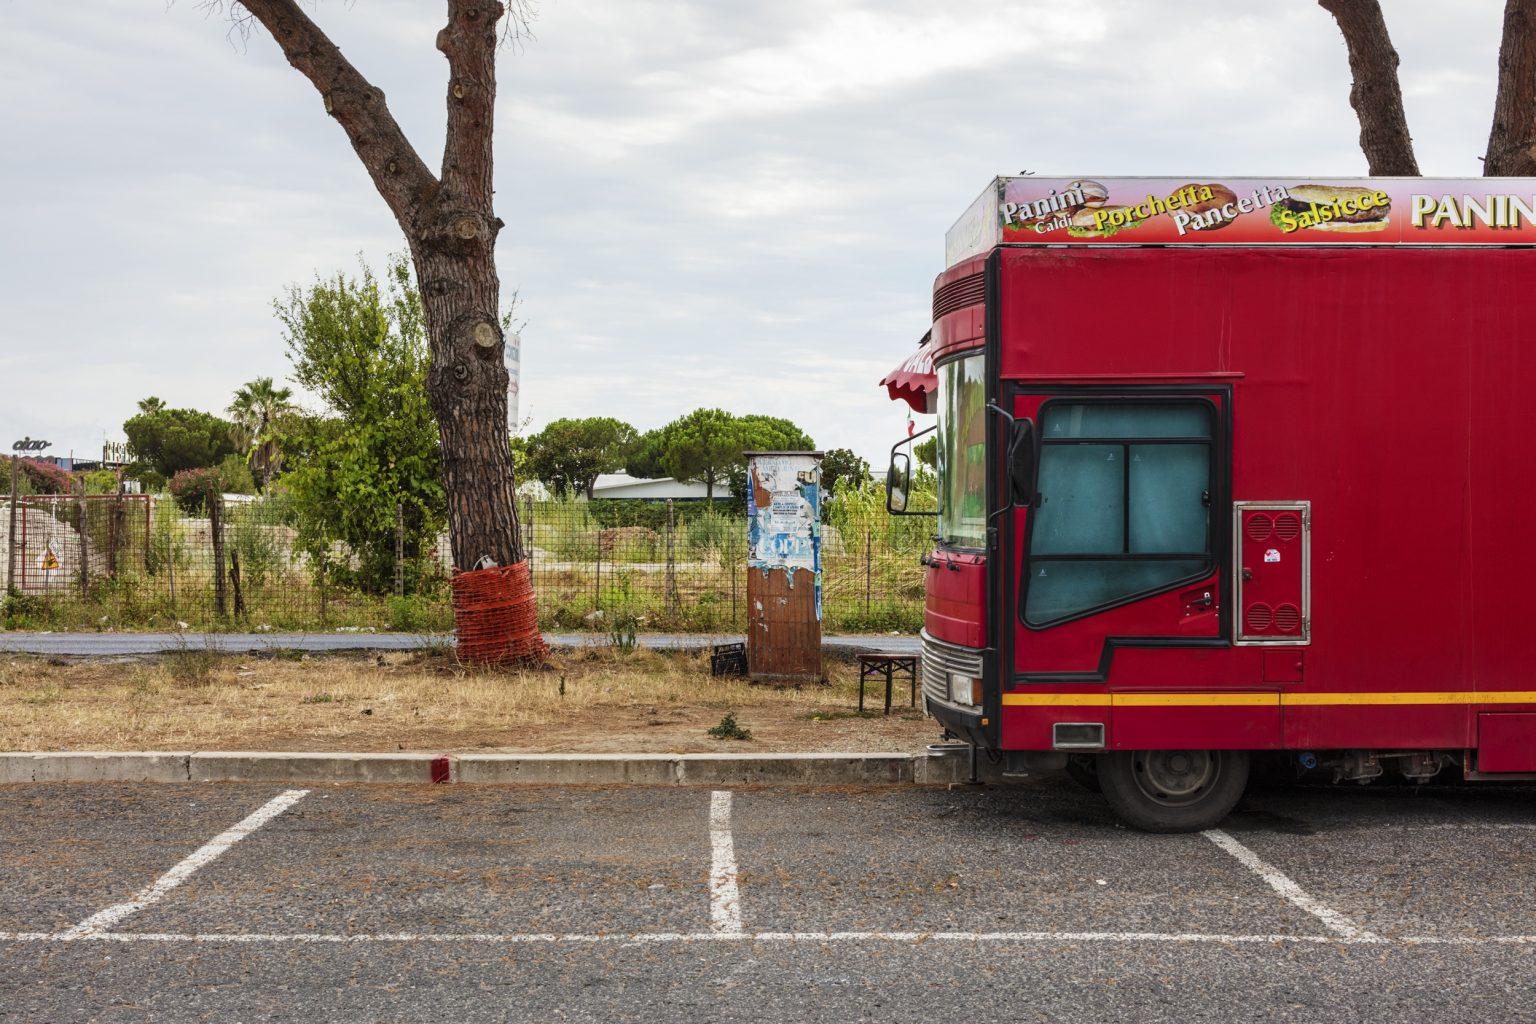 Roma, July 2016 - Via Tuscolana. >< Roma, luglio 2016 - Via Tuscolana.